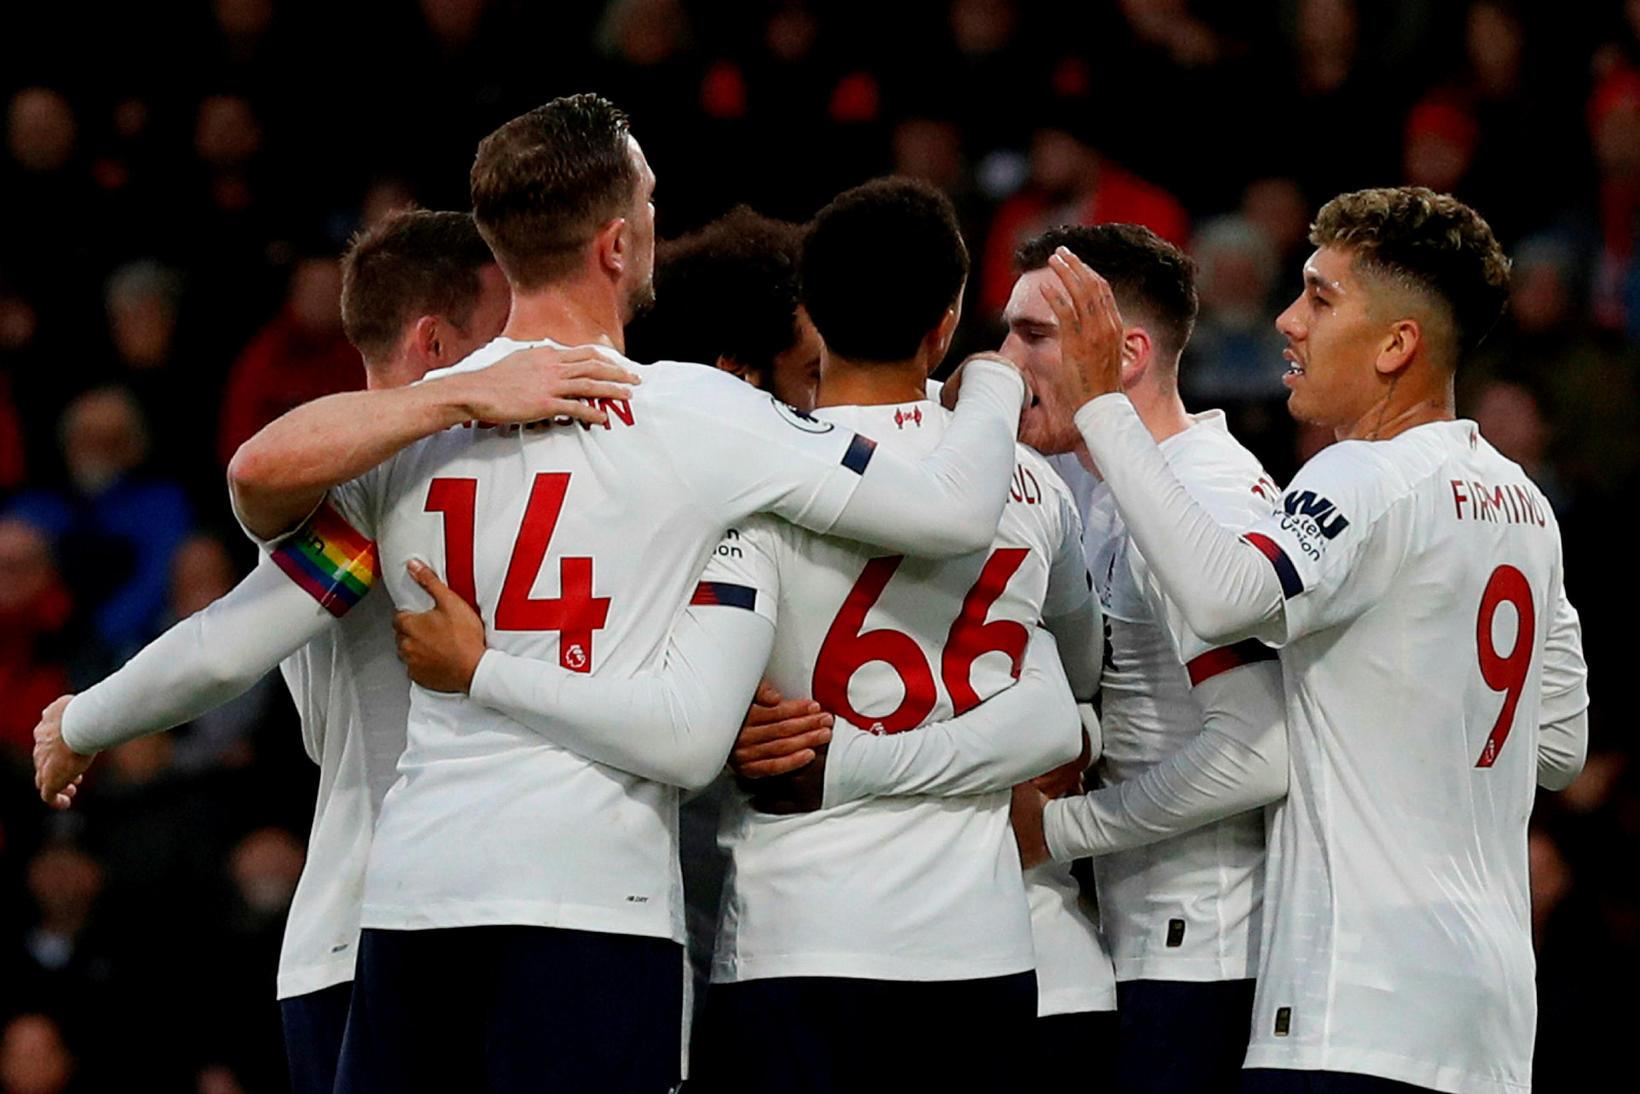 Liverpool er með átta stiga forskot á toppi ensku úrvalsdeildarinnar.